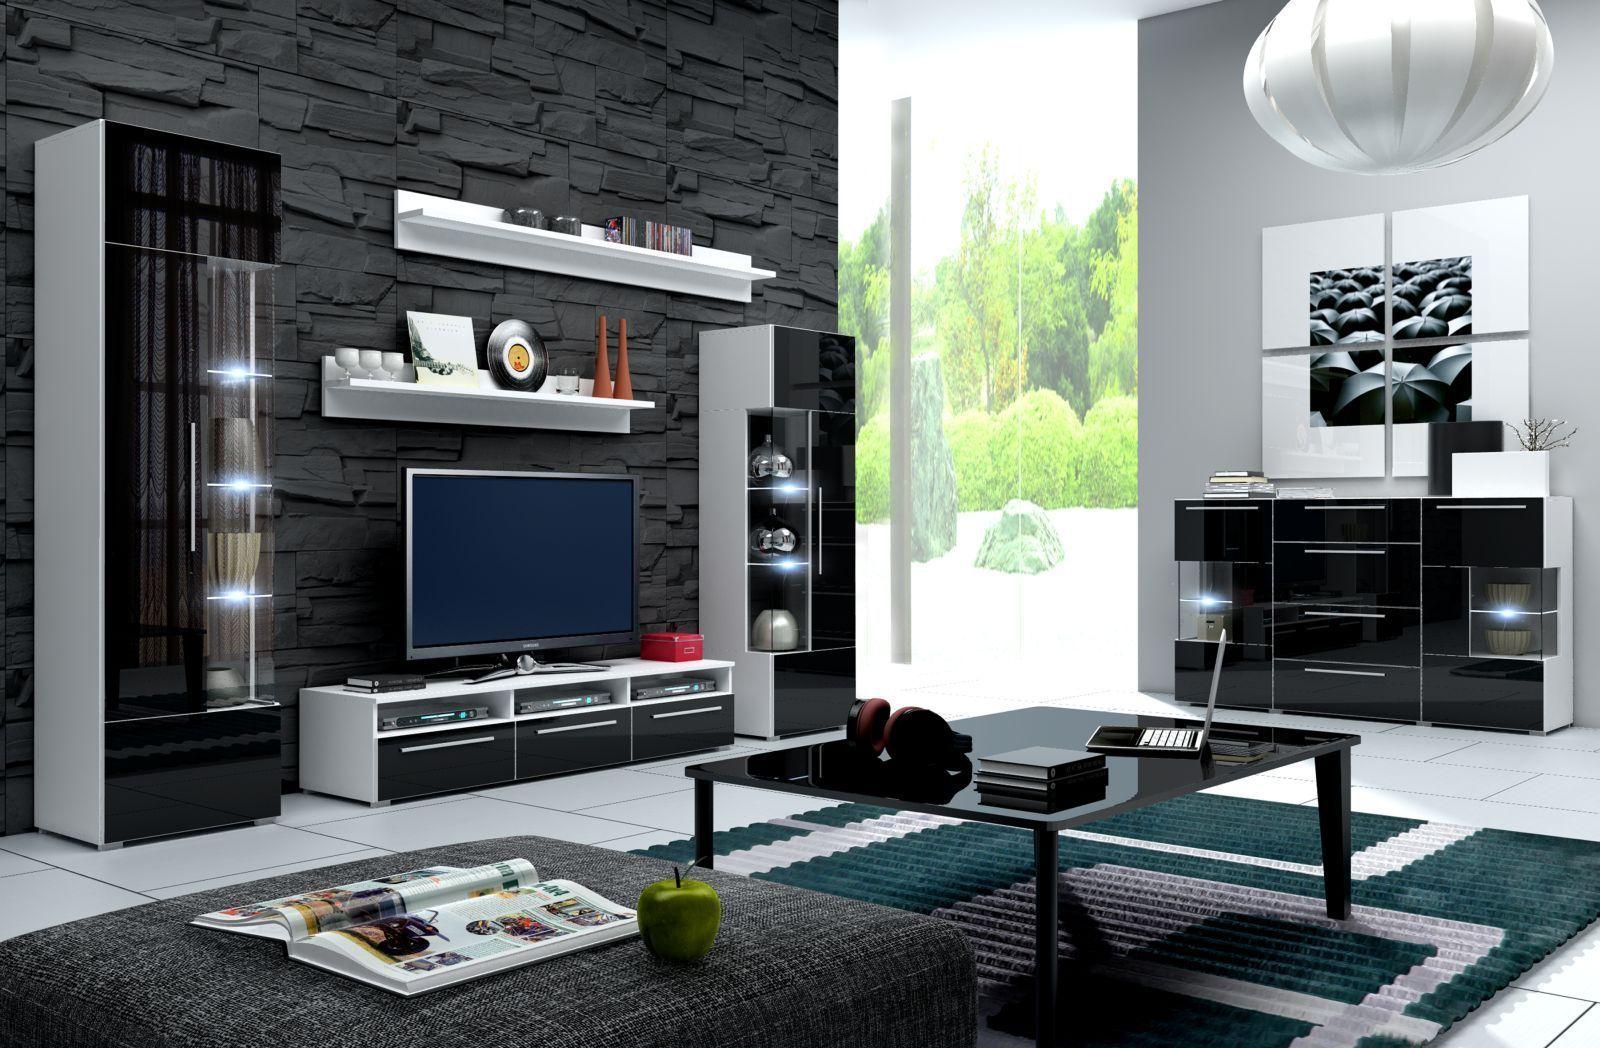 Hochglanz wohnwand roma italienisches design mit led for Kuchenstuhle italienisches design